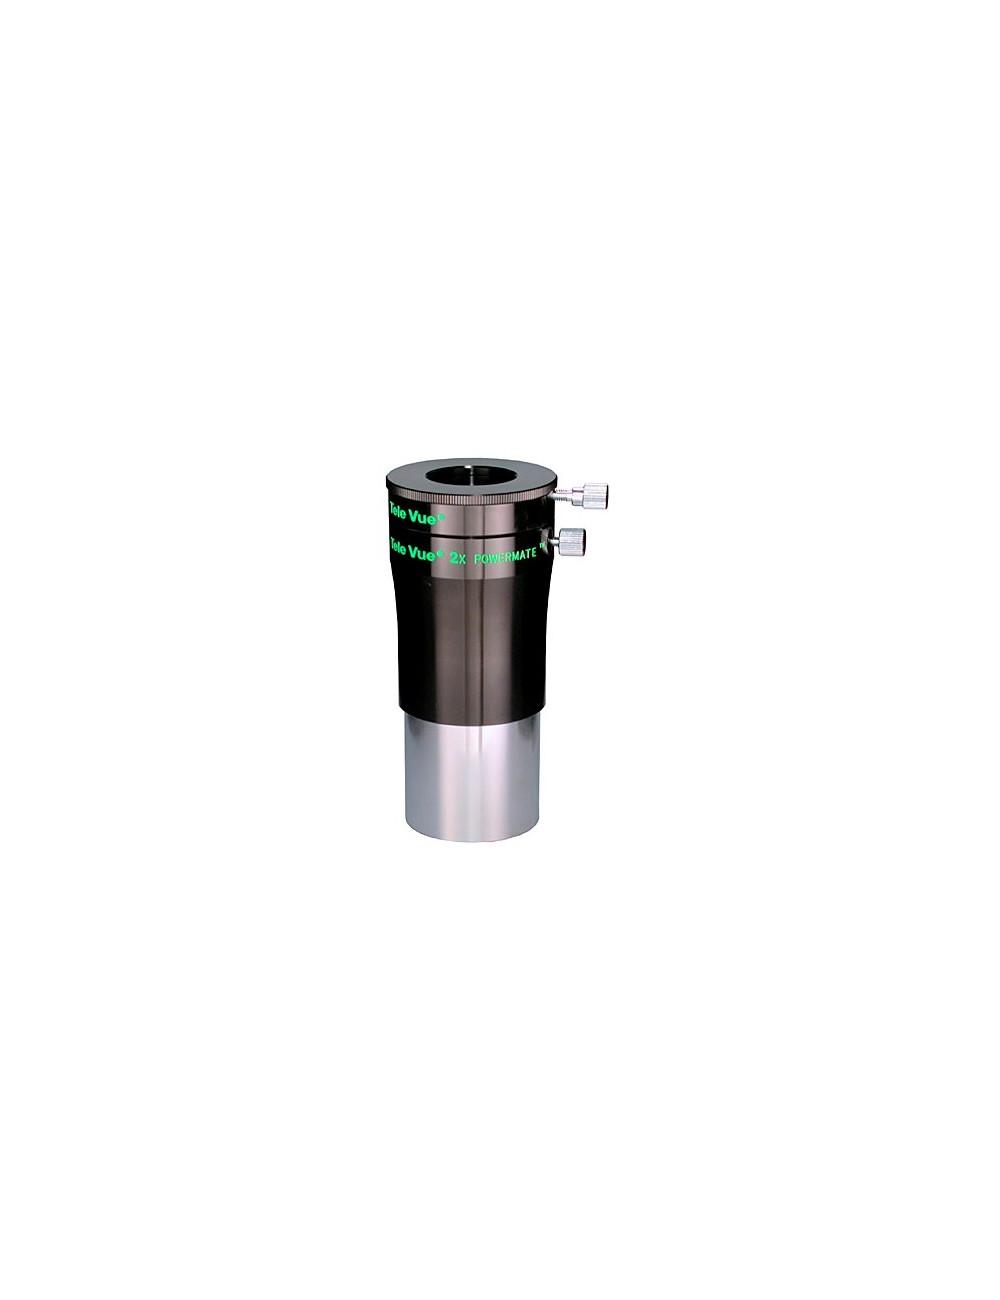 Lentille de Barlow Tele Vue Powermate 2x - Ø 50,8 mm